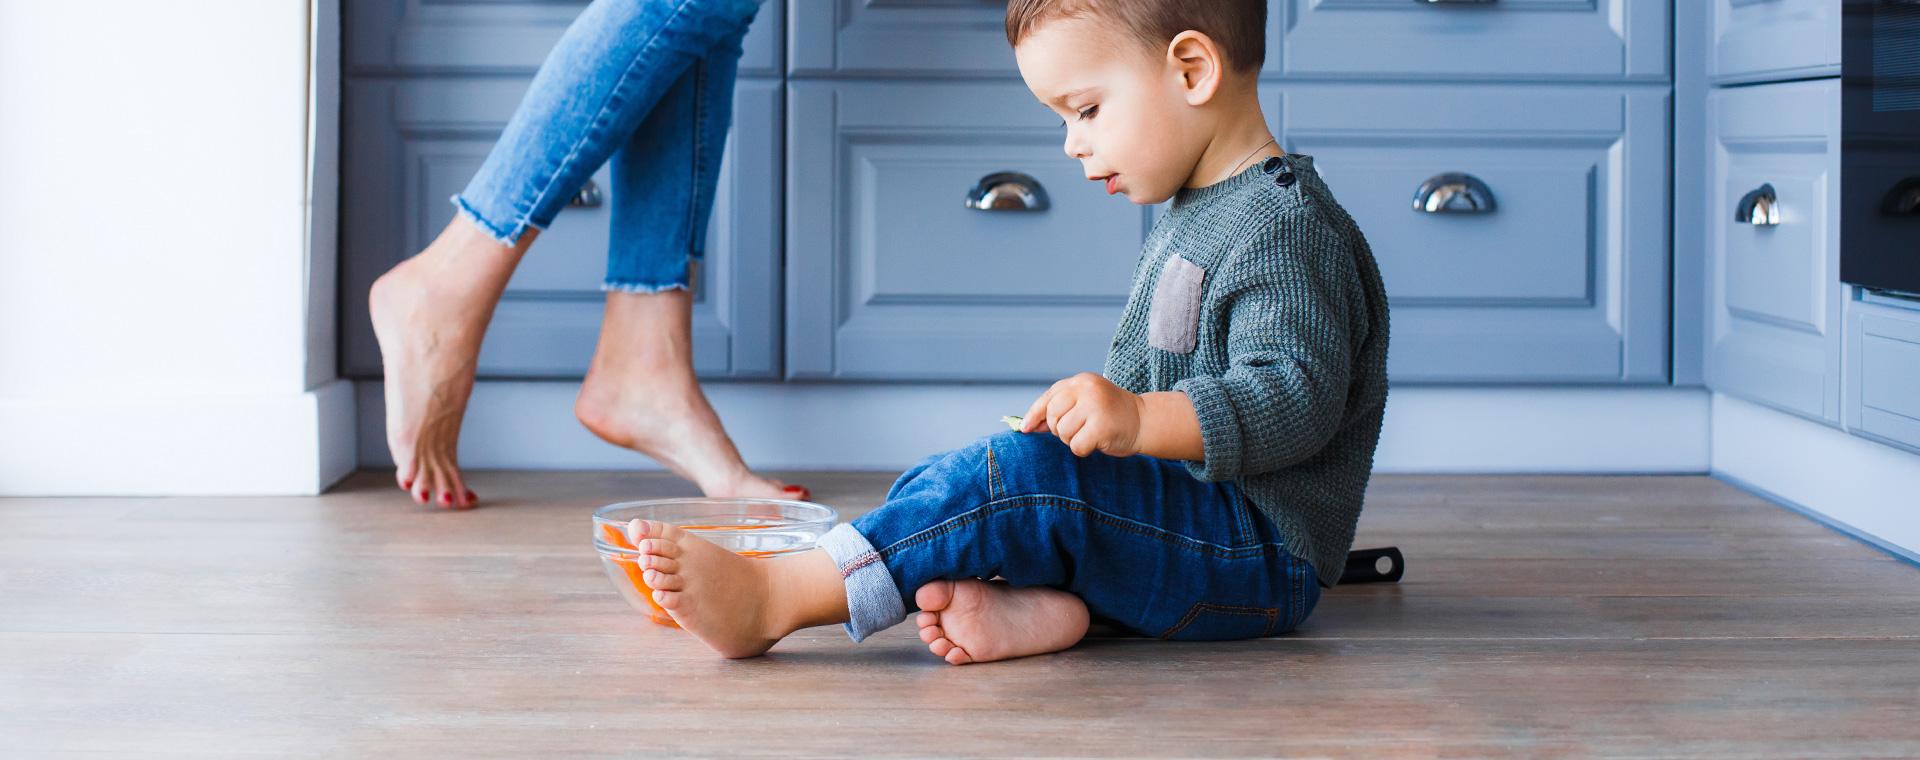 Vinylová podlaha může být zdravější než dřevěná, říká odborník